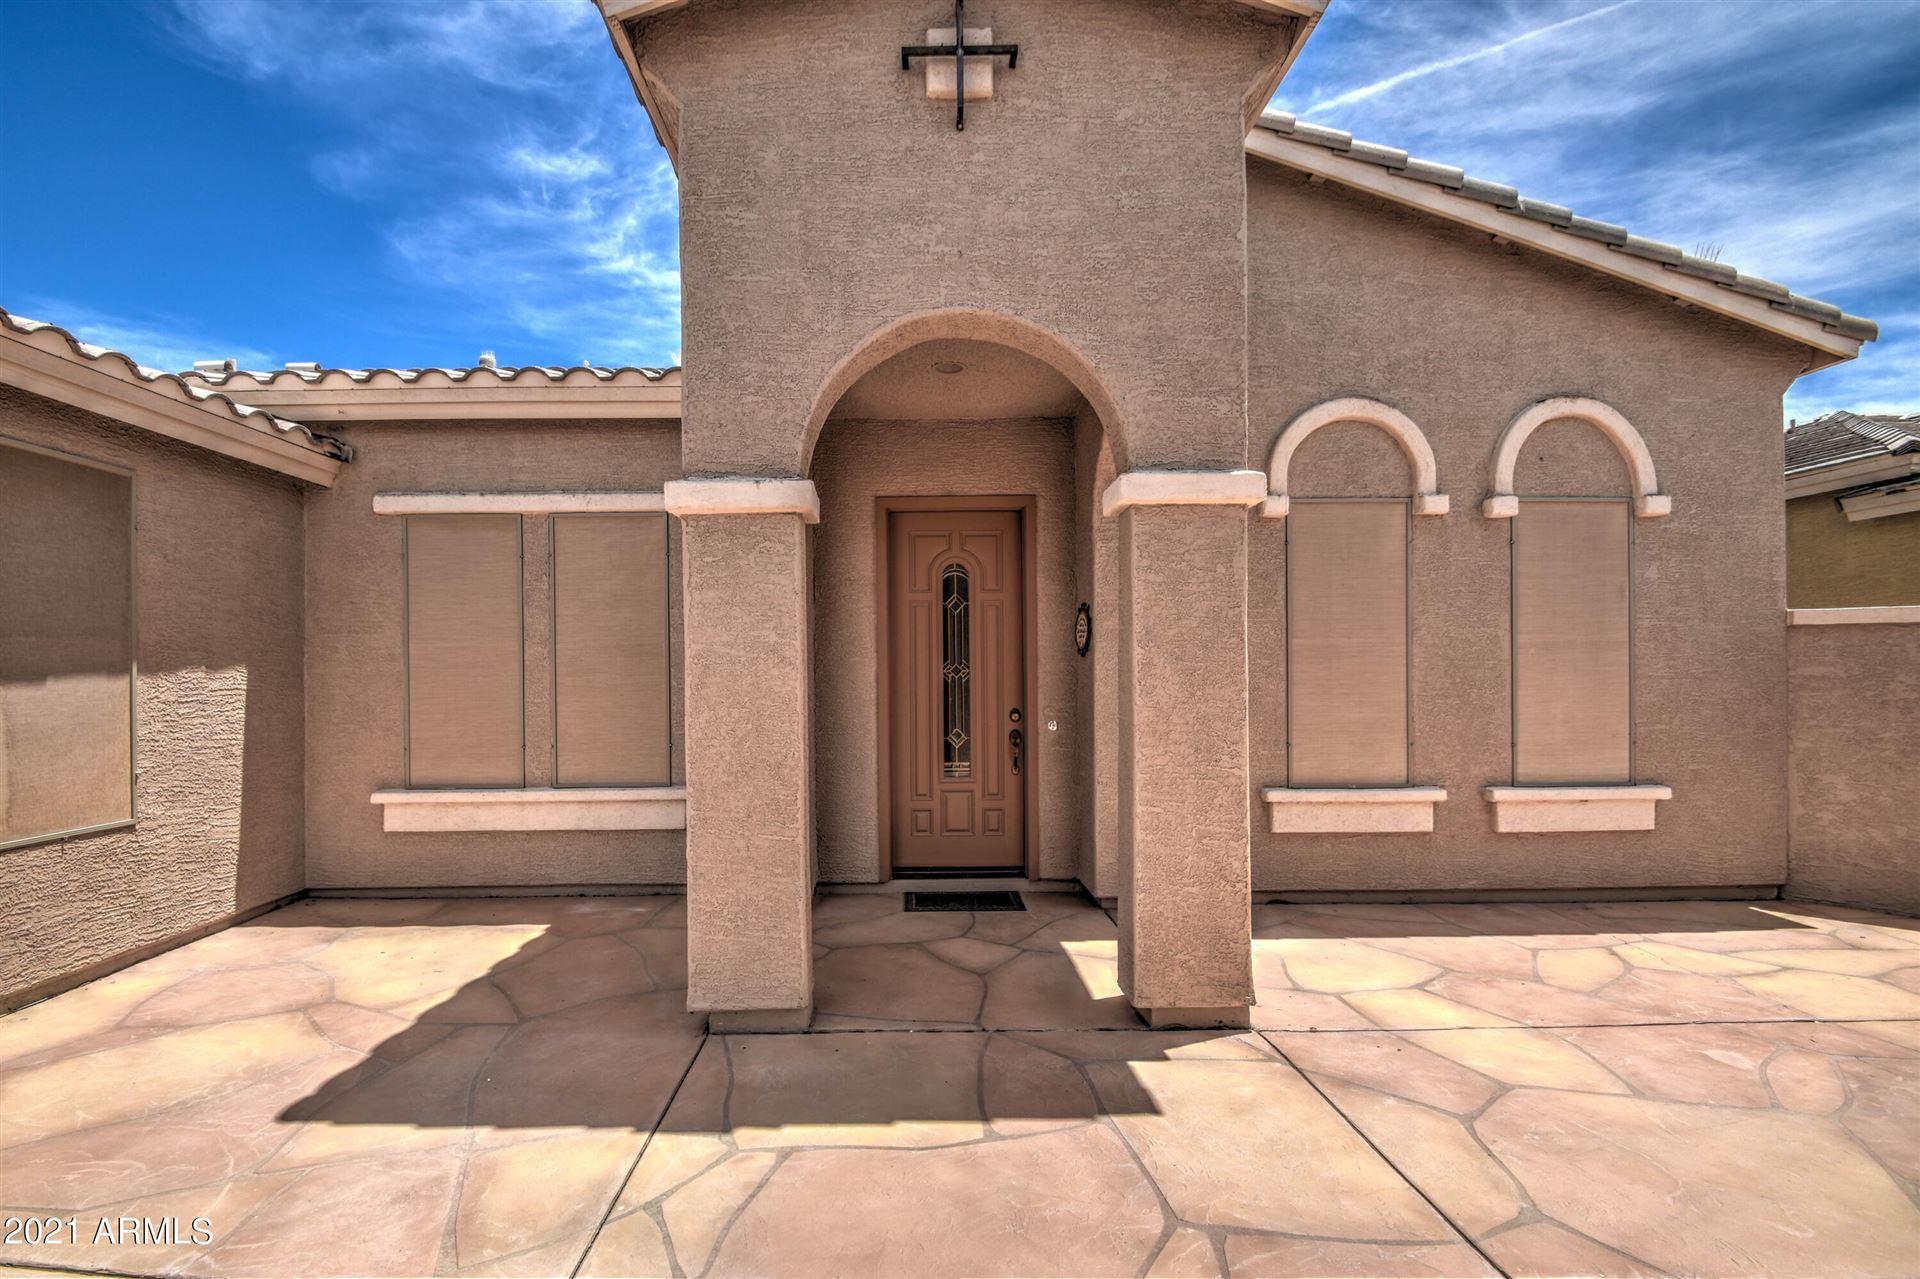 Photo of 42625 W SANDPIPER Drive, Maricopa, AZ 85138 (MLS # 6248659)